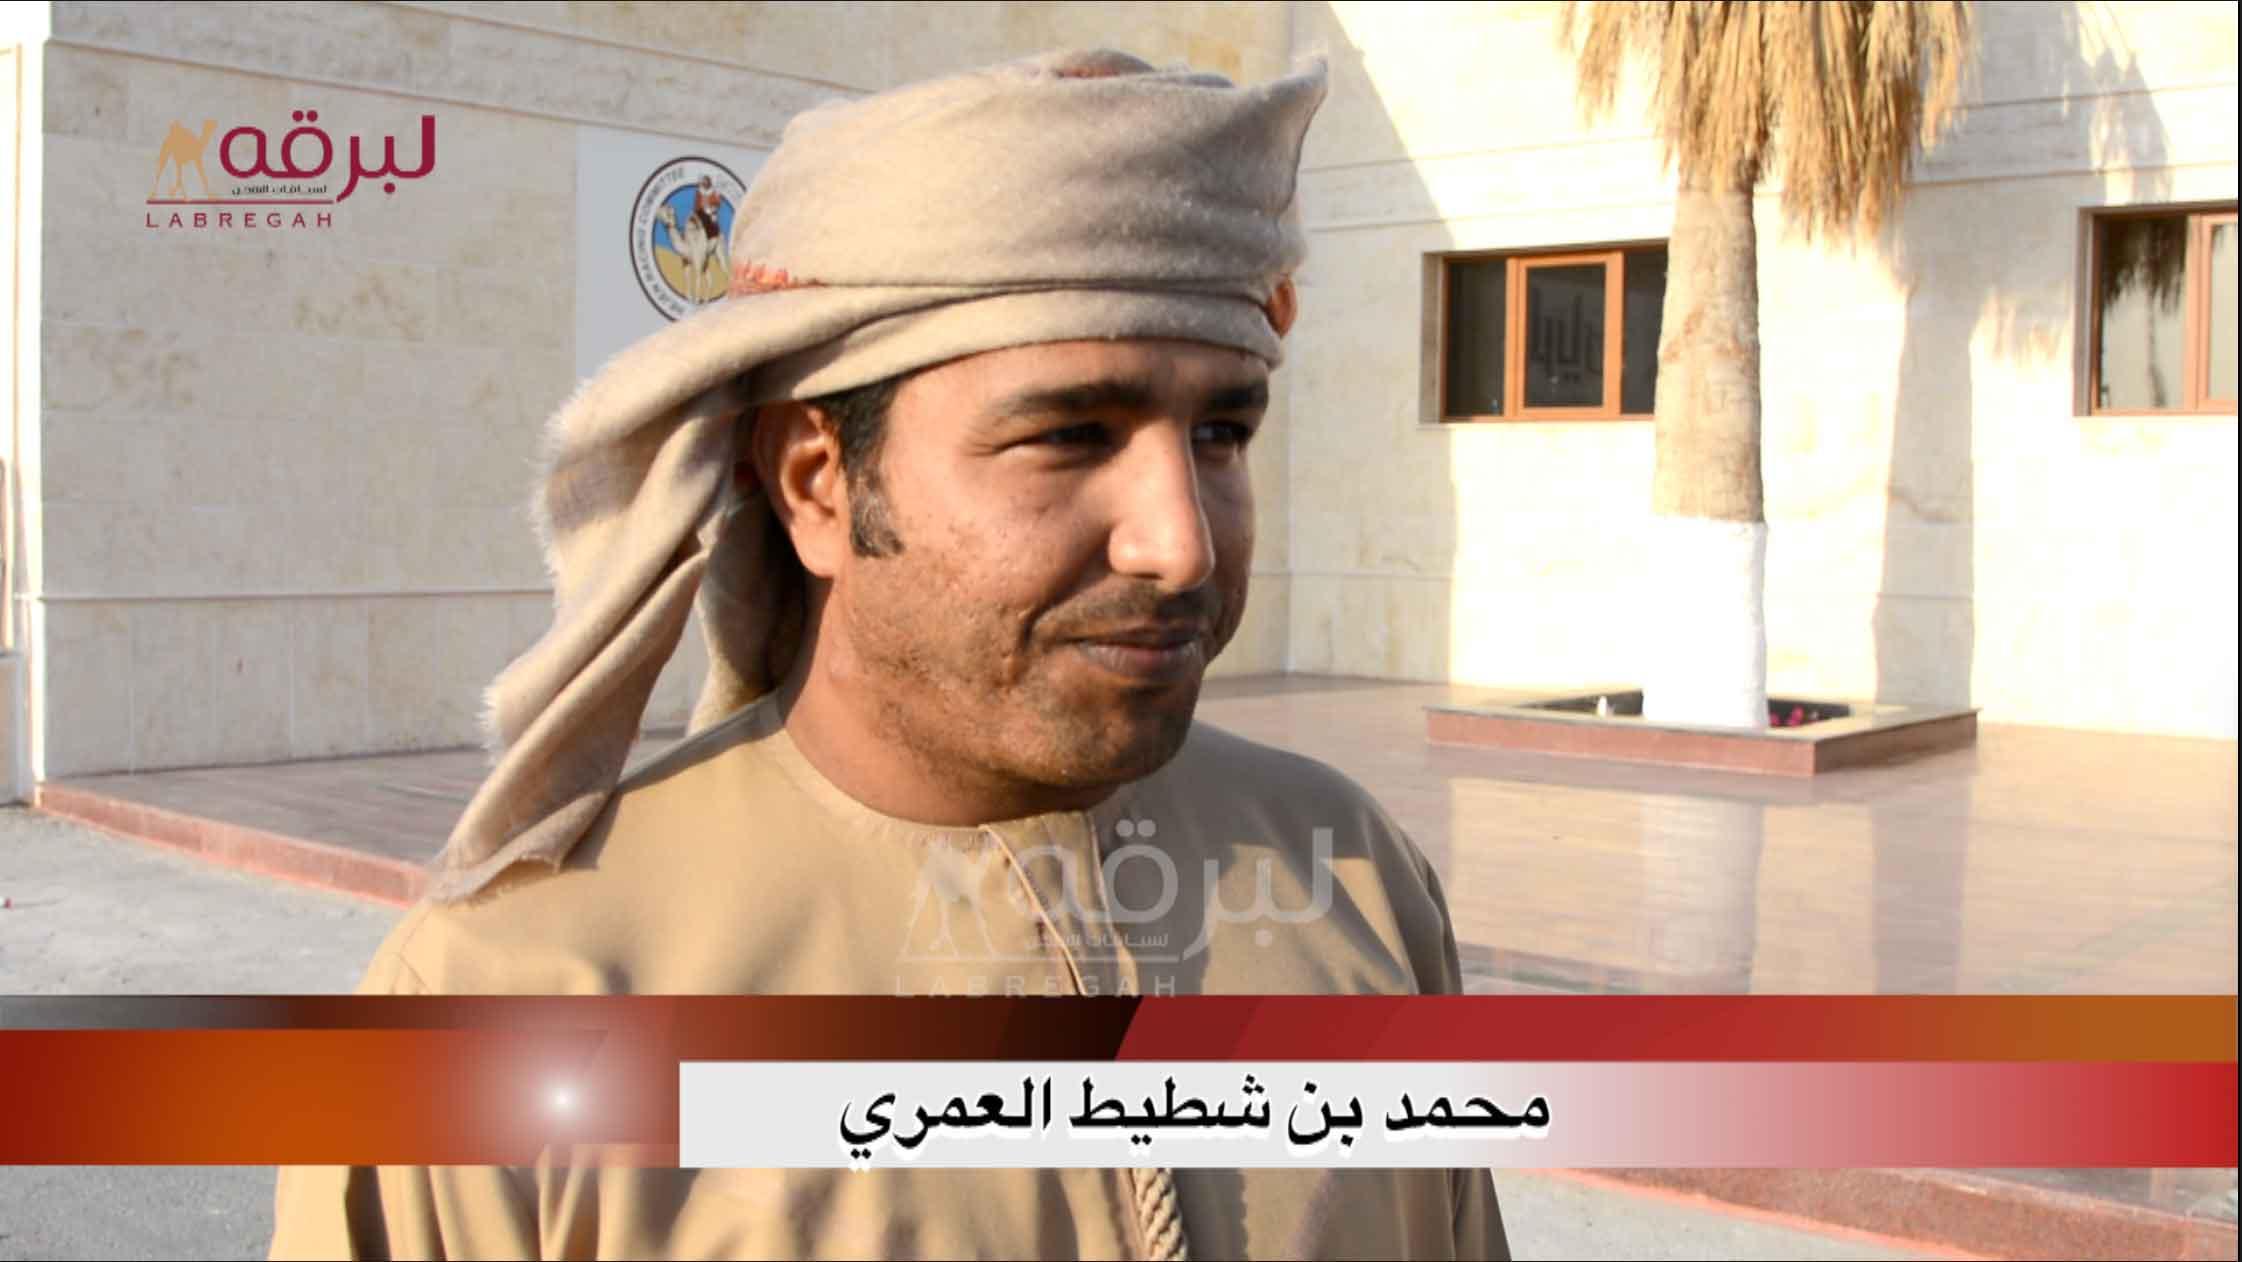 لقاء مع محمد بن شطيط العمري.. الخنجر الفضي حقايق قعدان « إنتاج » الأشواط العامة  ١٧-١-٢٠٢١